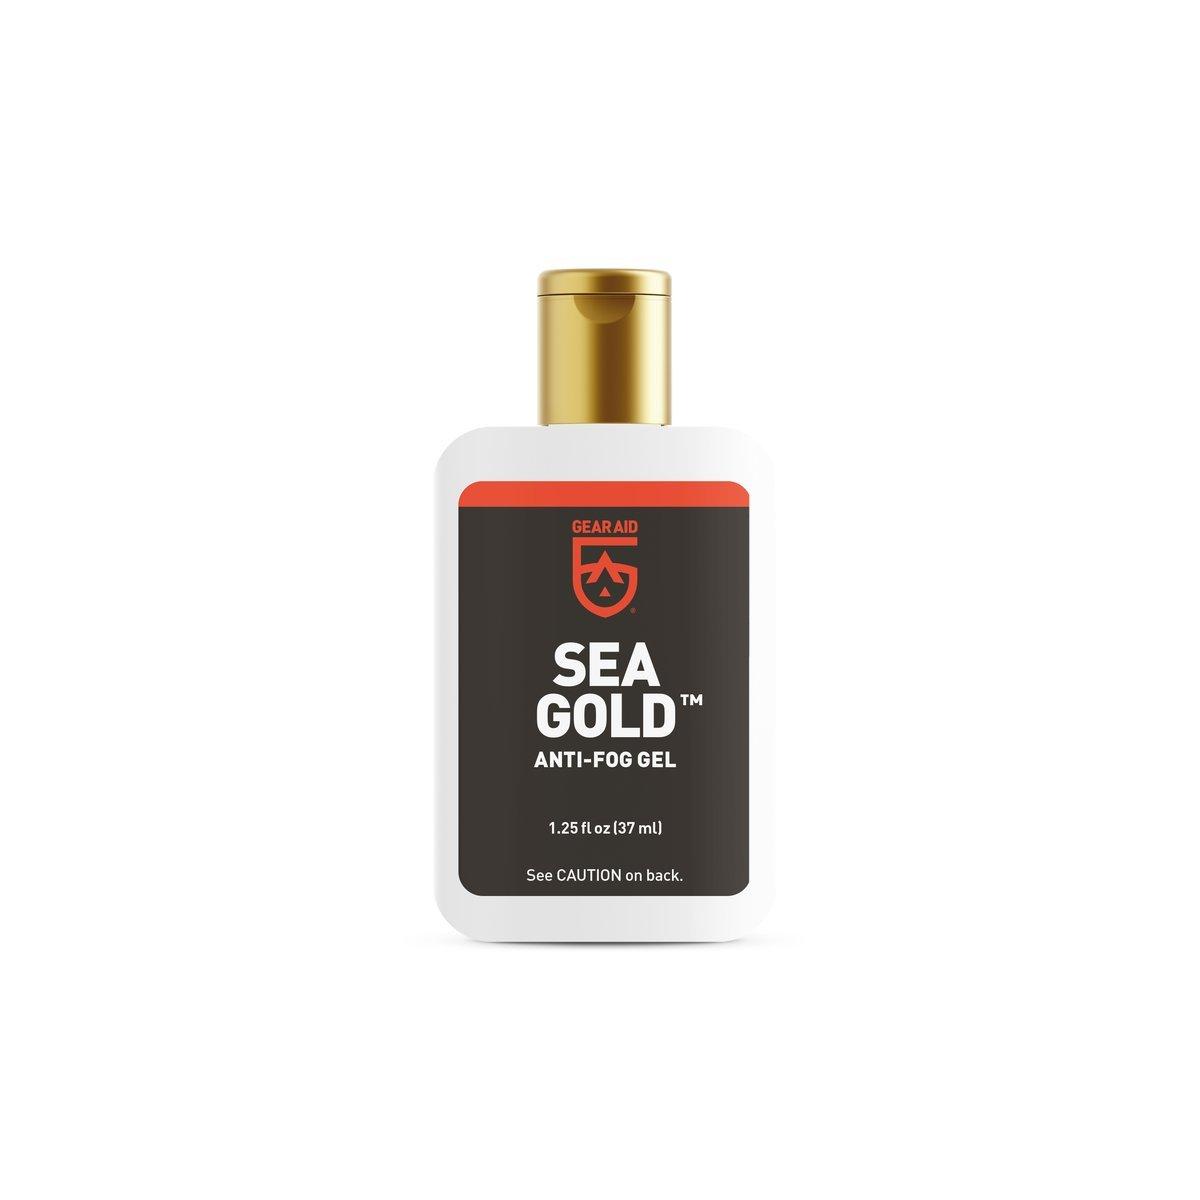 Gear Aid Sea Gold Antifog 1-1/4 oz